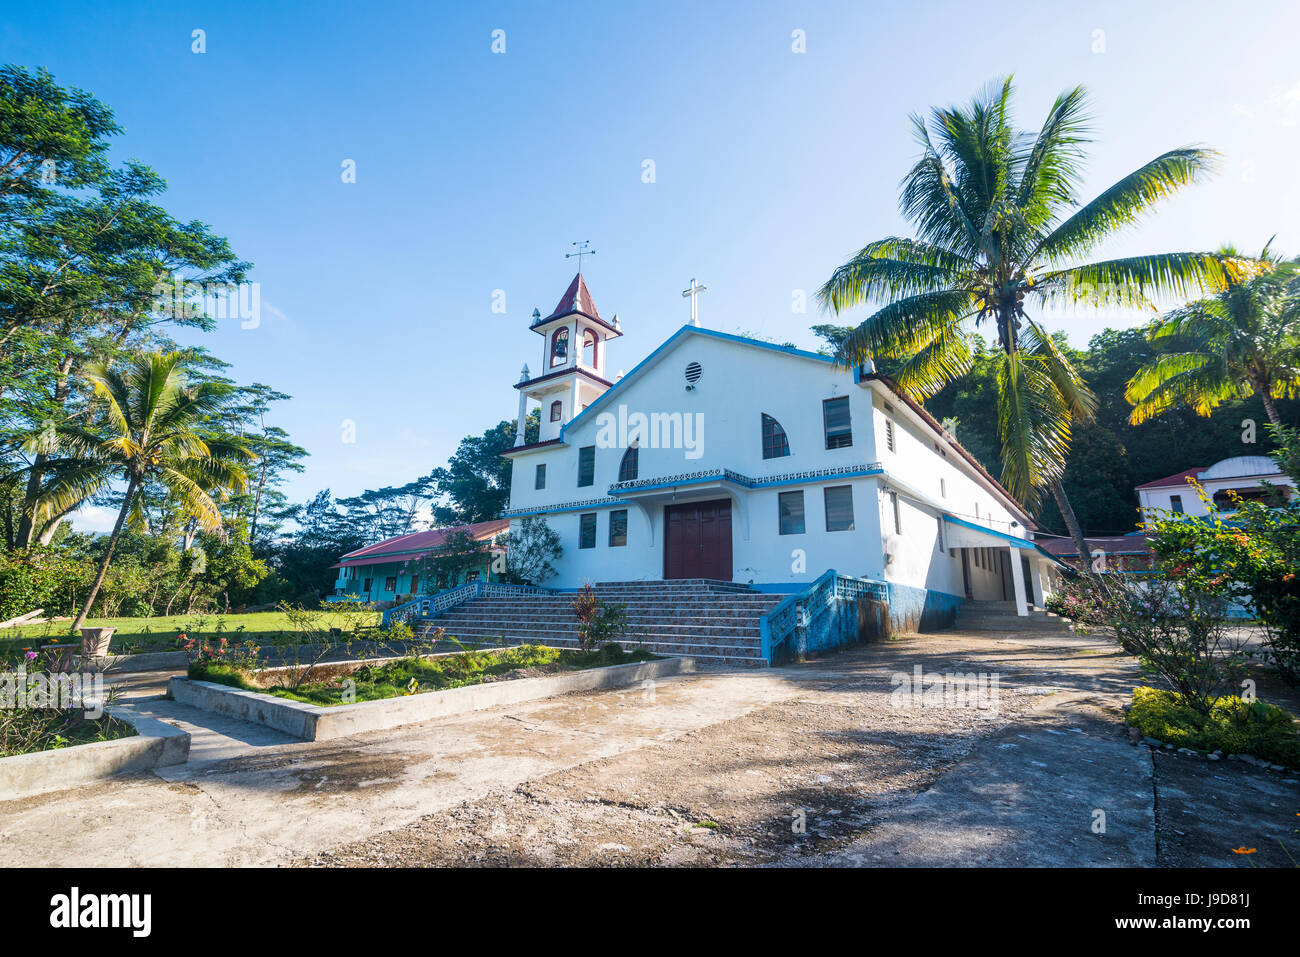 Catholic church, Aileu, East Timor, Southeast Asia, Asia - Stock Image